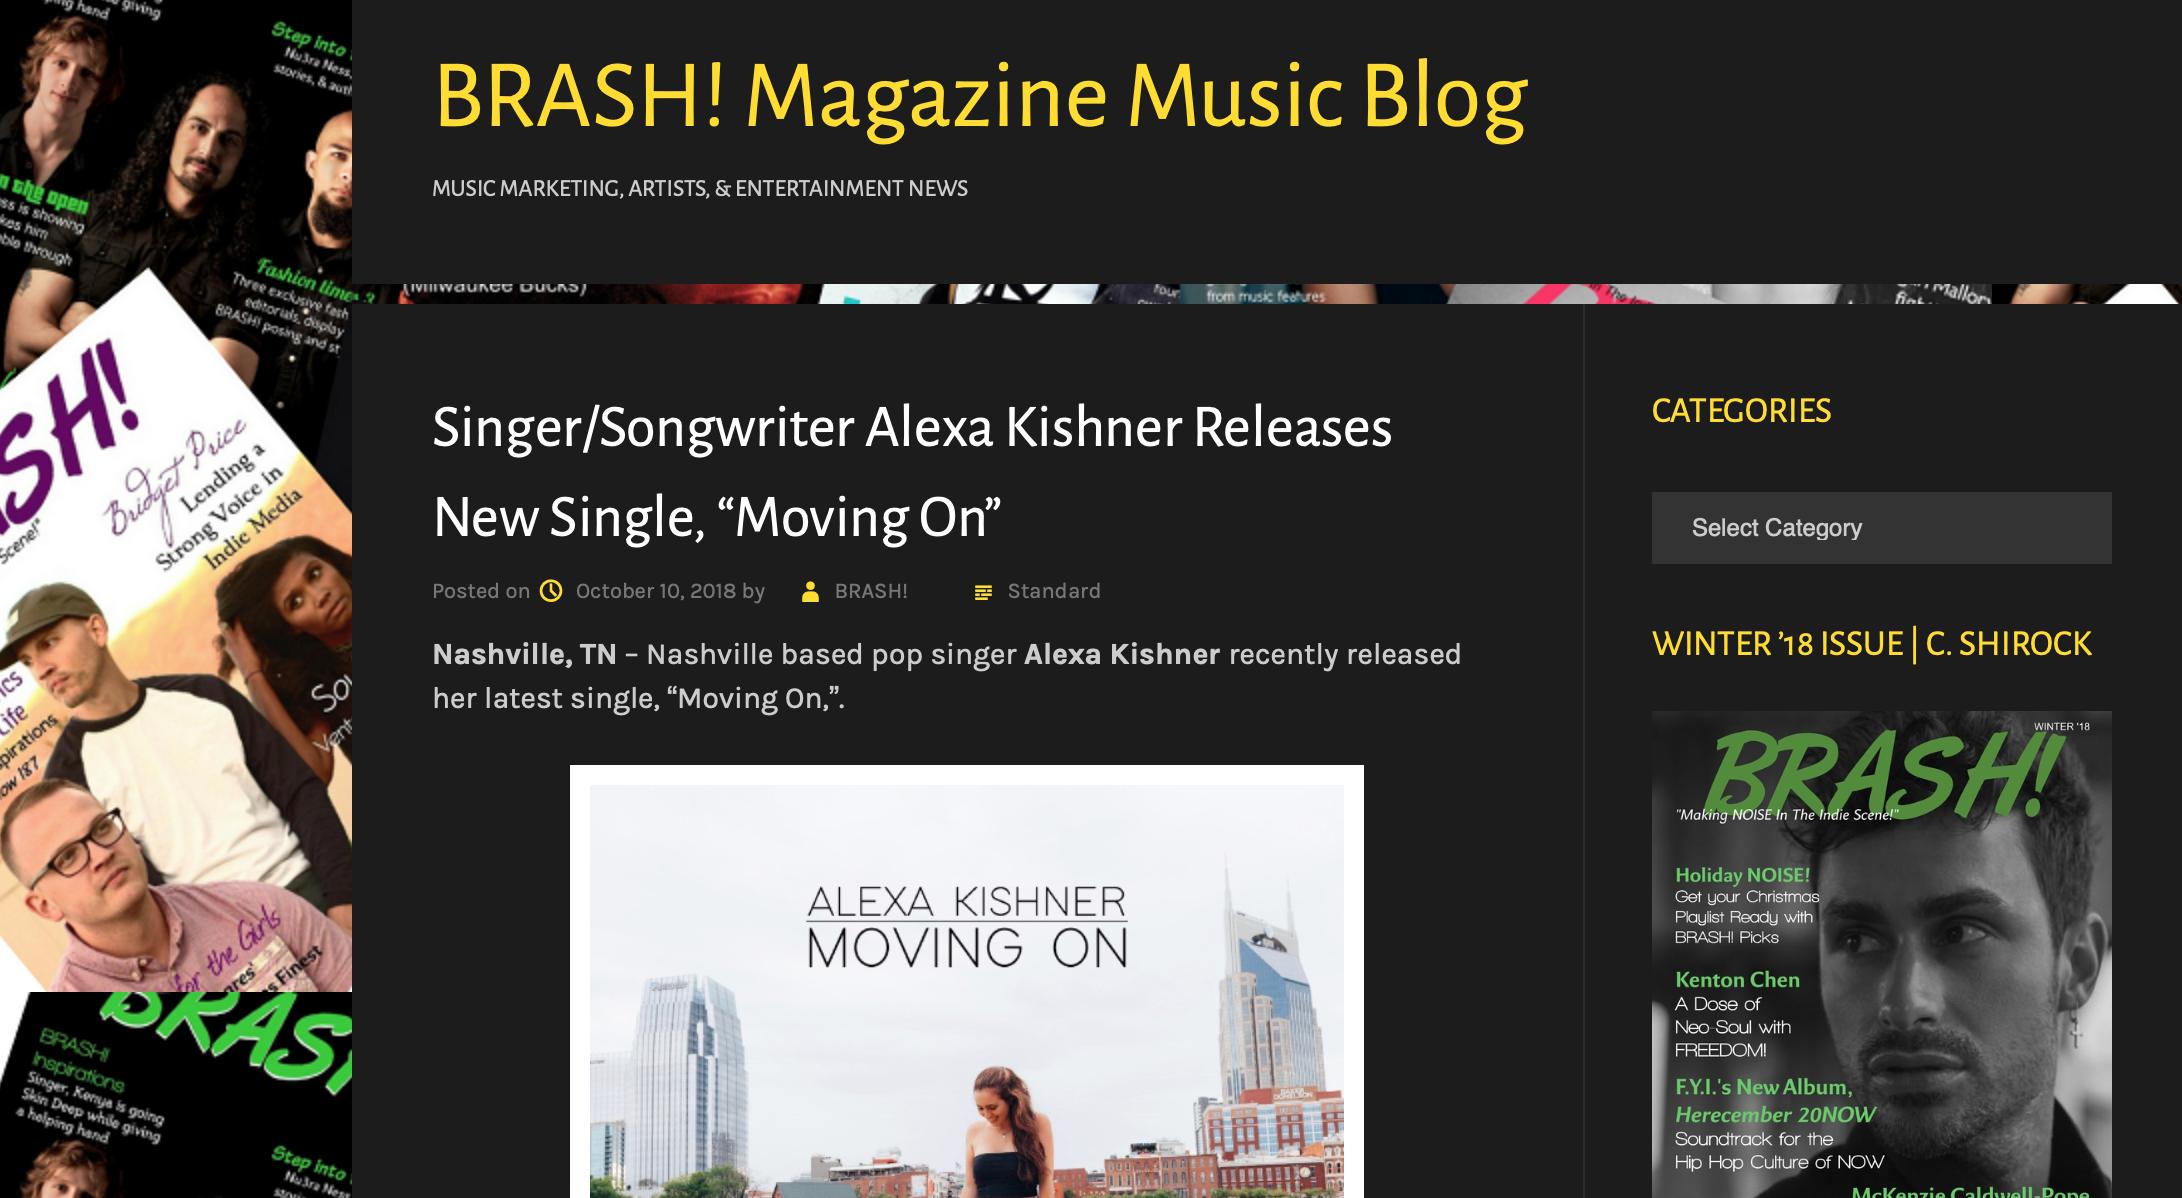 Brash! Magazine